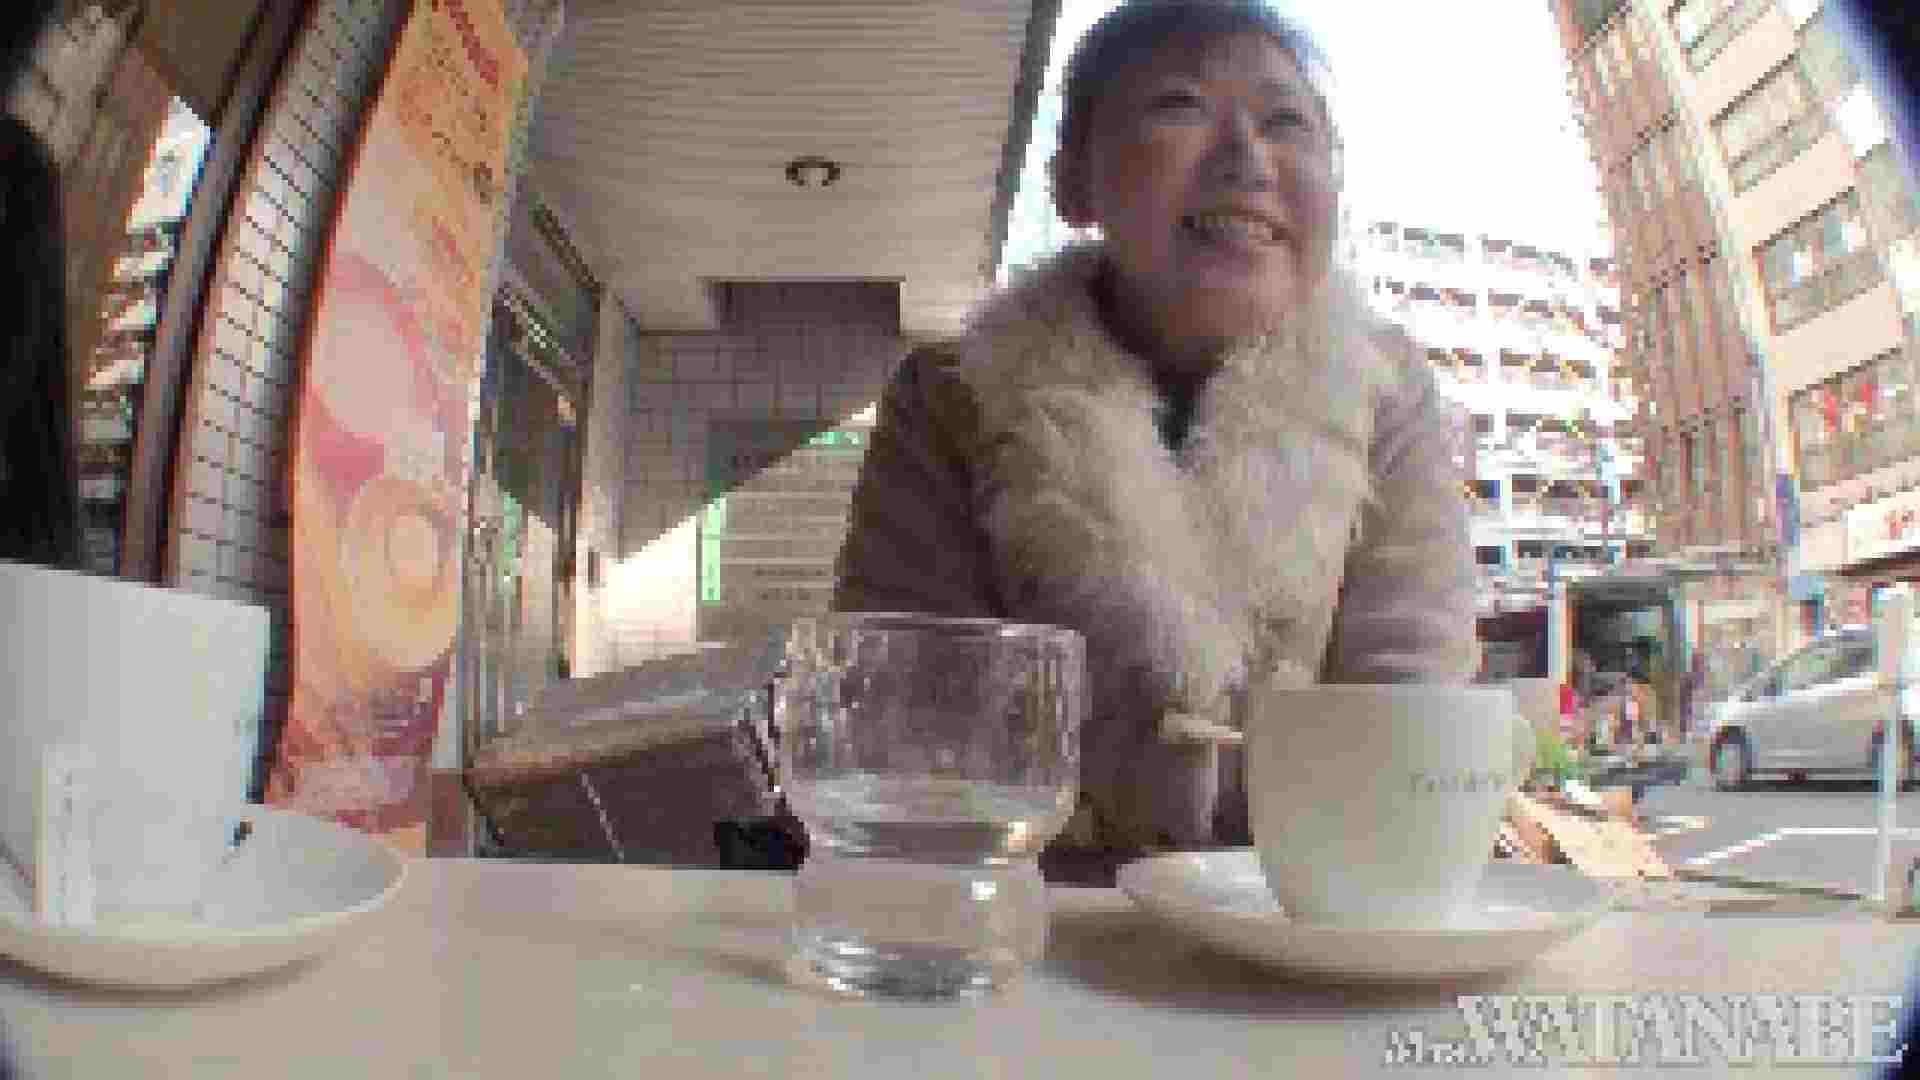 撮影スタッフを誘惑する痴熟女 かおり40歳 Vol.01 素人 | HなOL  67pic 36